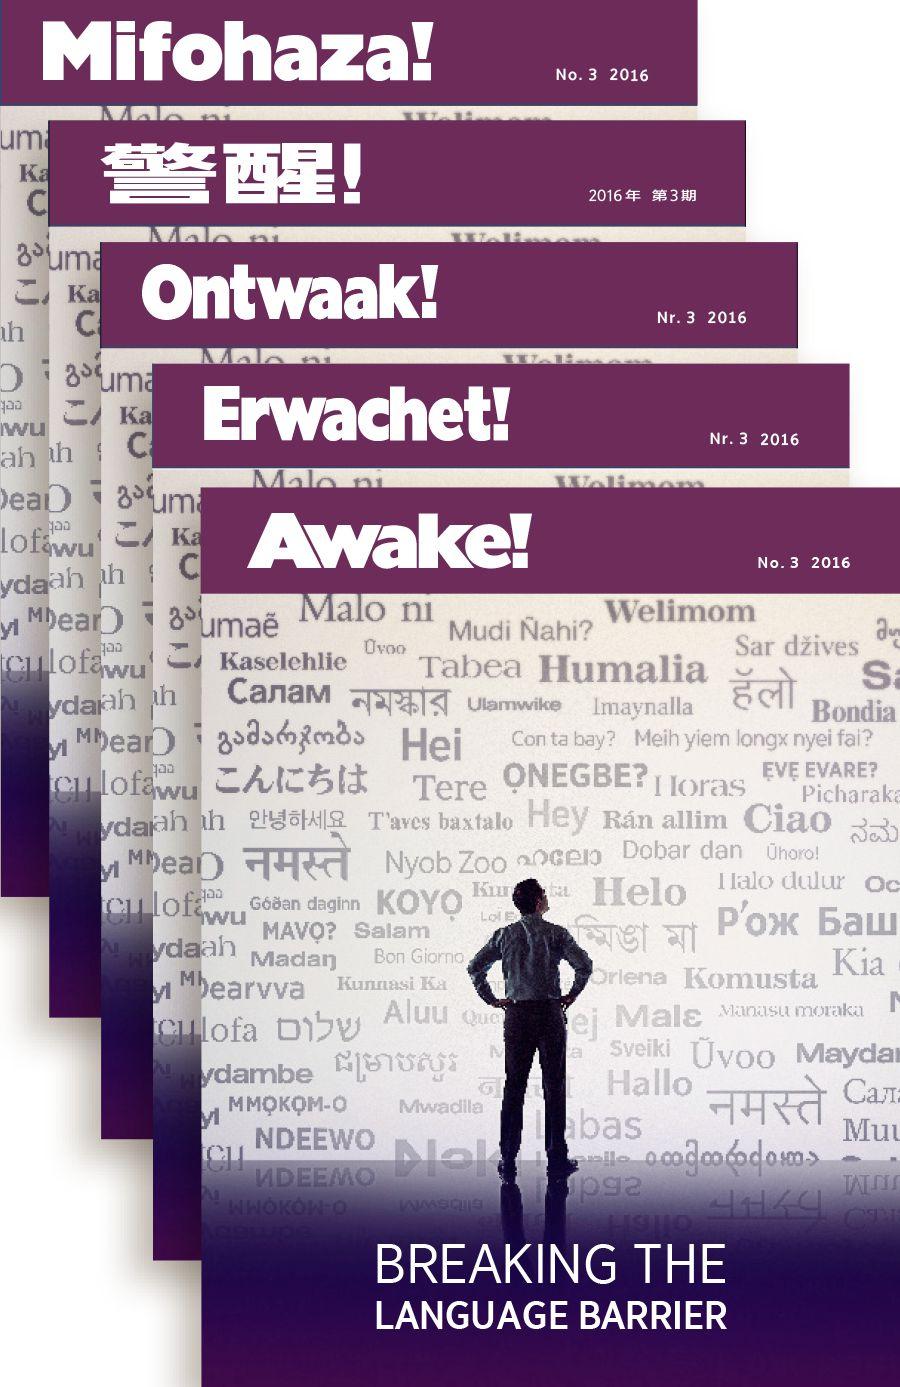 Svegliatevi